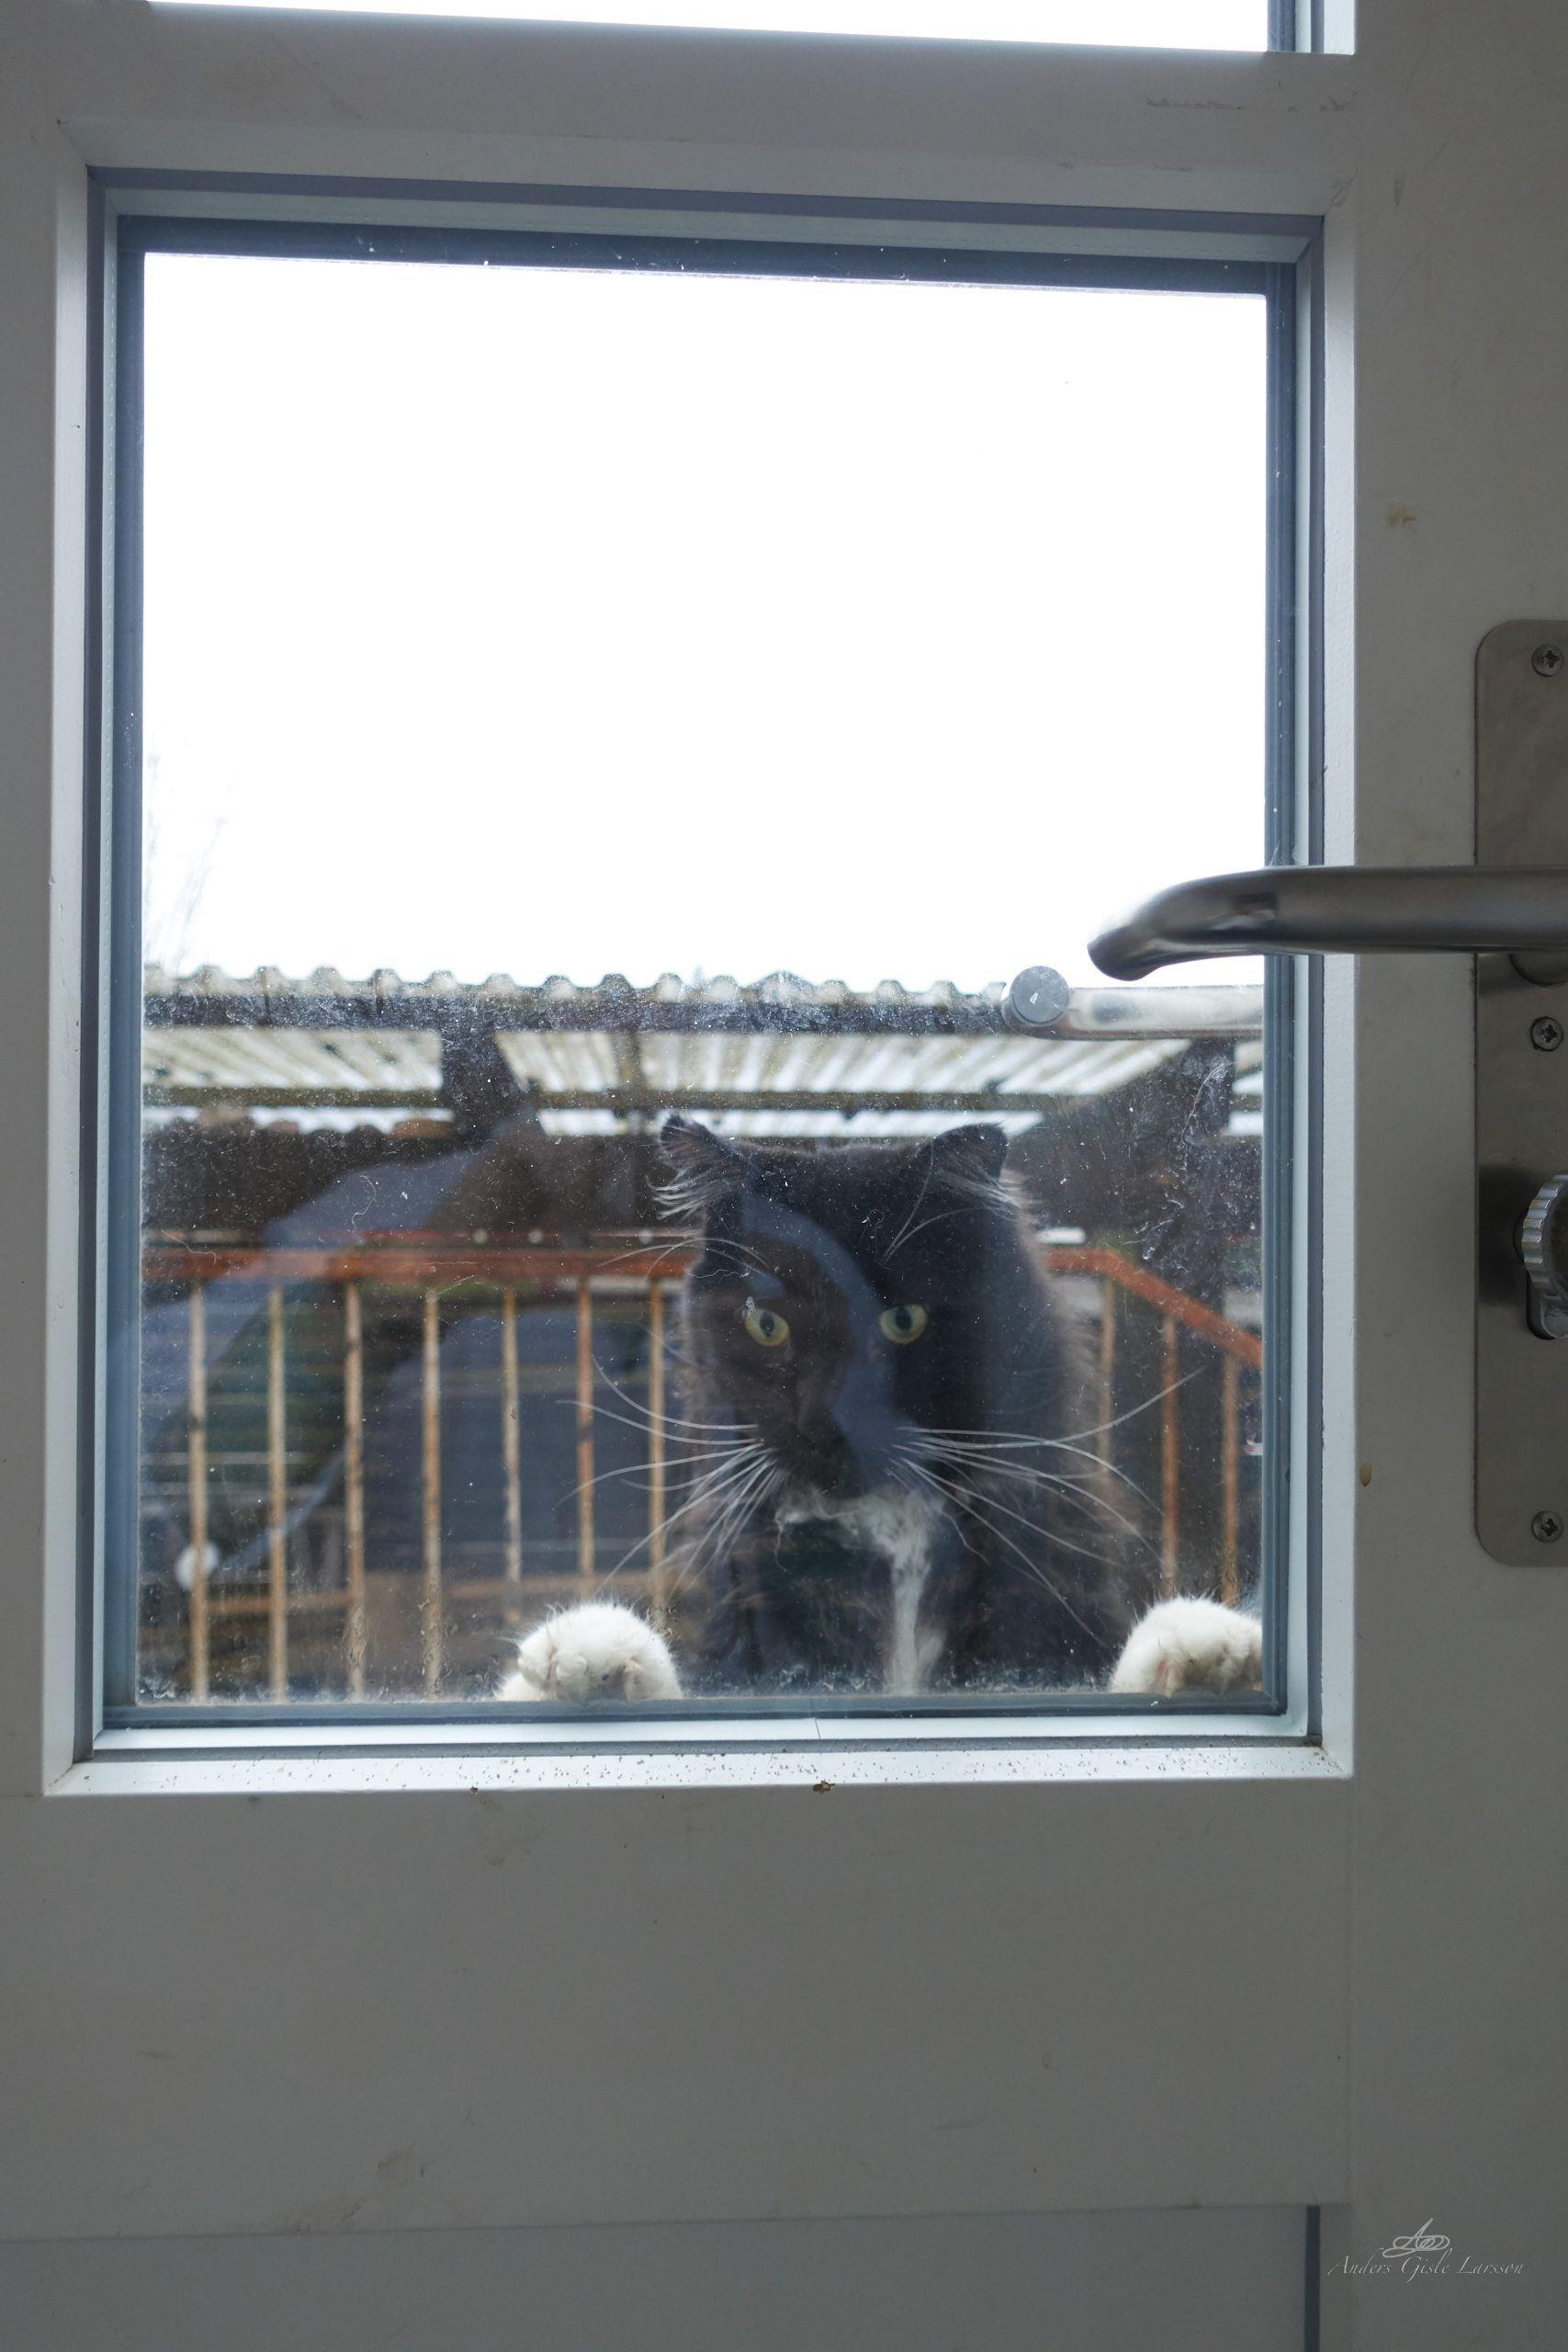 Cat VIEW, Første billede + 100% manuel + ingen redigering, Uge 12, 81/365, Assentoft, Randers